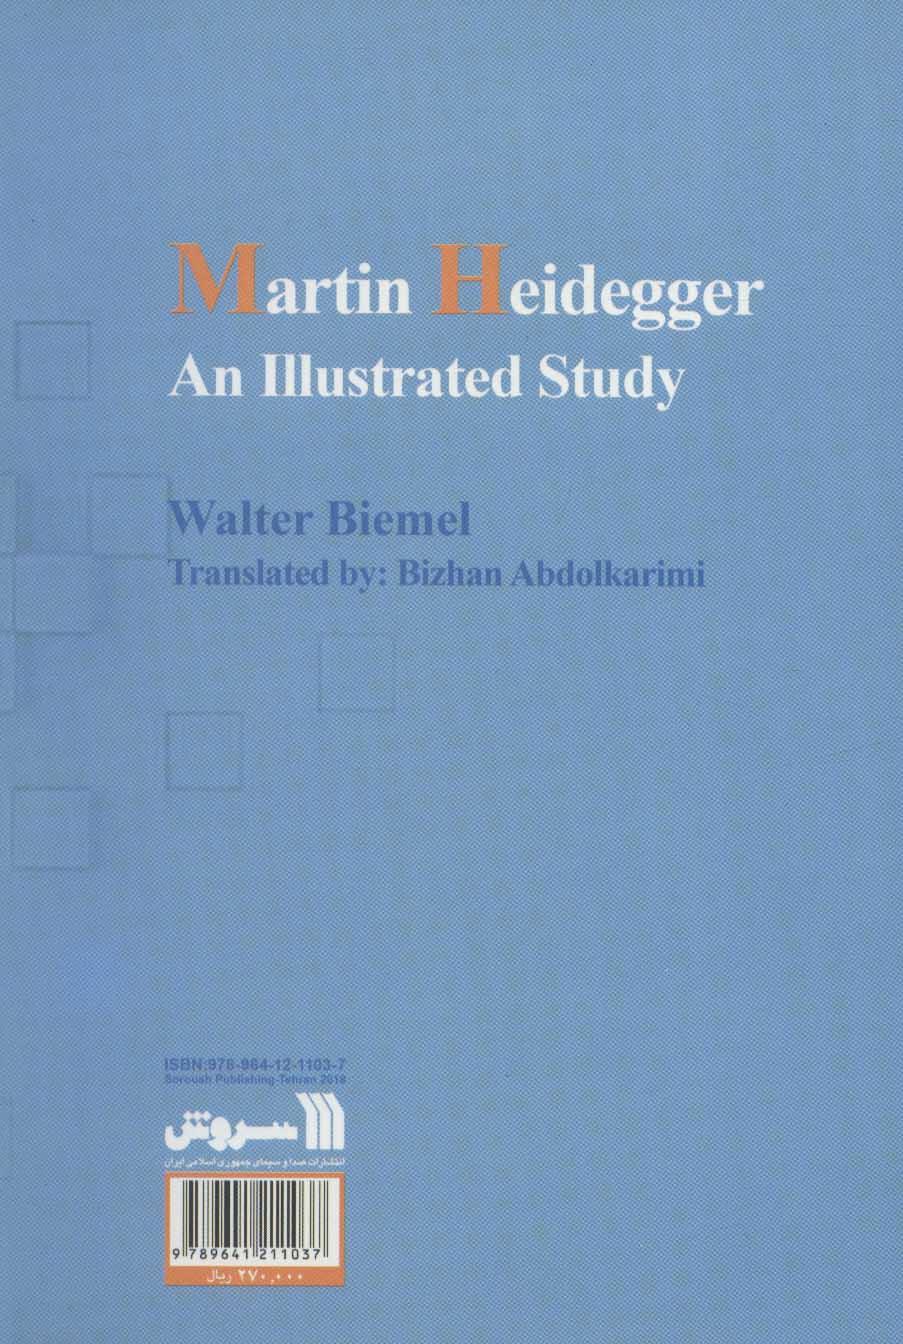 بررسی روشنگرانه اندیشه های مارتین هایدگر